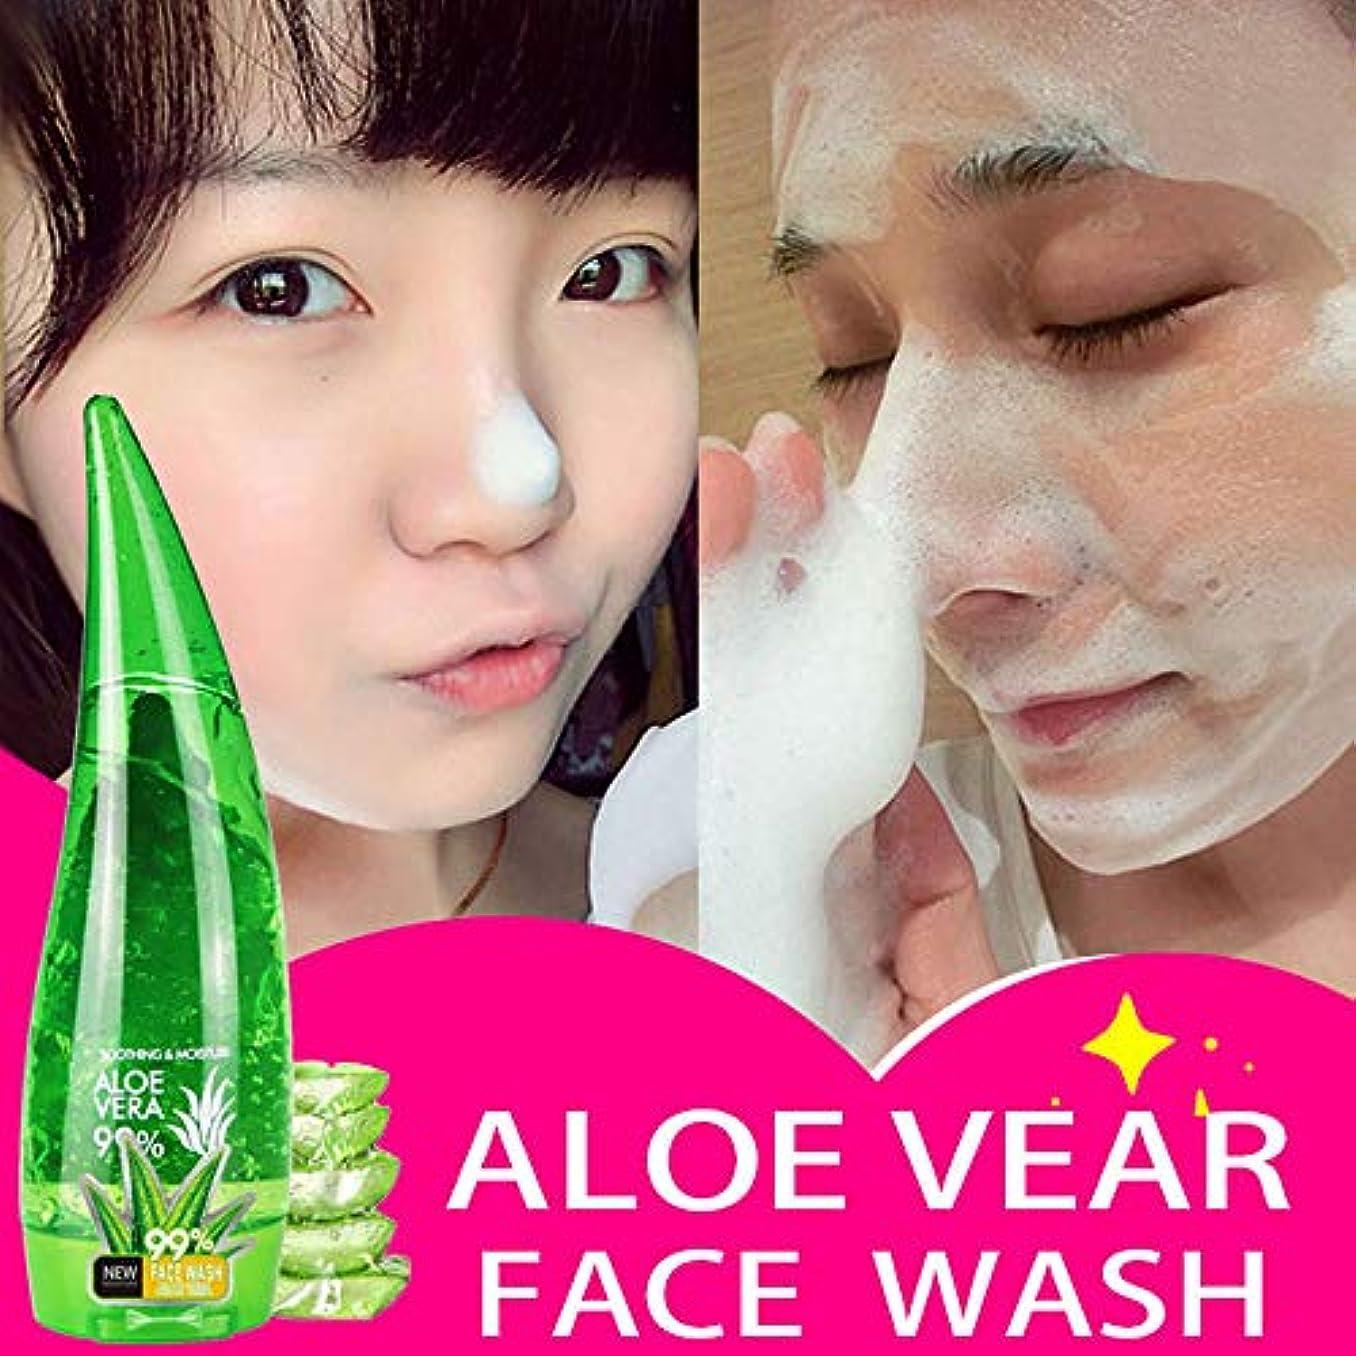 平方誰でも一月Akane Pretty Cowry 顔洗い 綺麗に 素敵 水分補給 保湿 角質除去 クレンジング 浄化 オイルコントロール ジェル 使いやすい 洗顔料 アロエクリーム